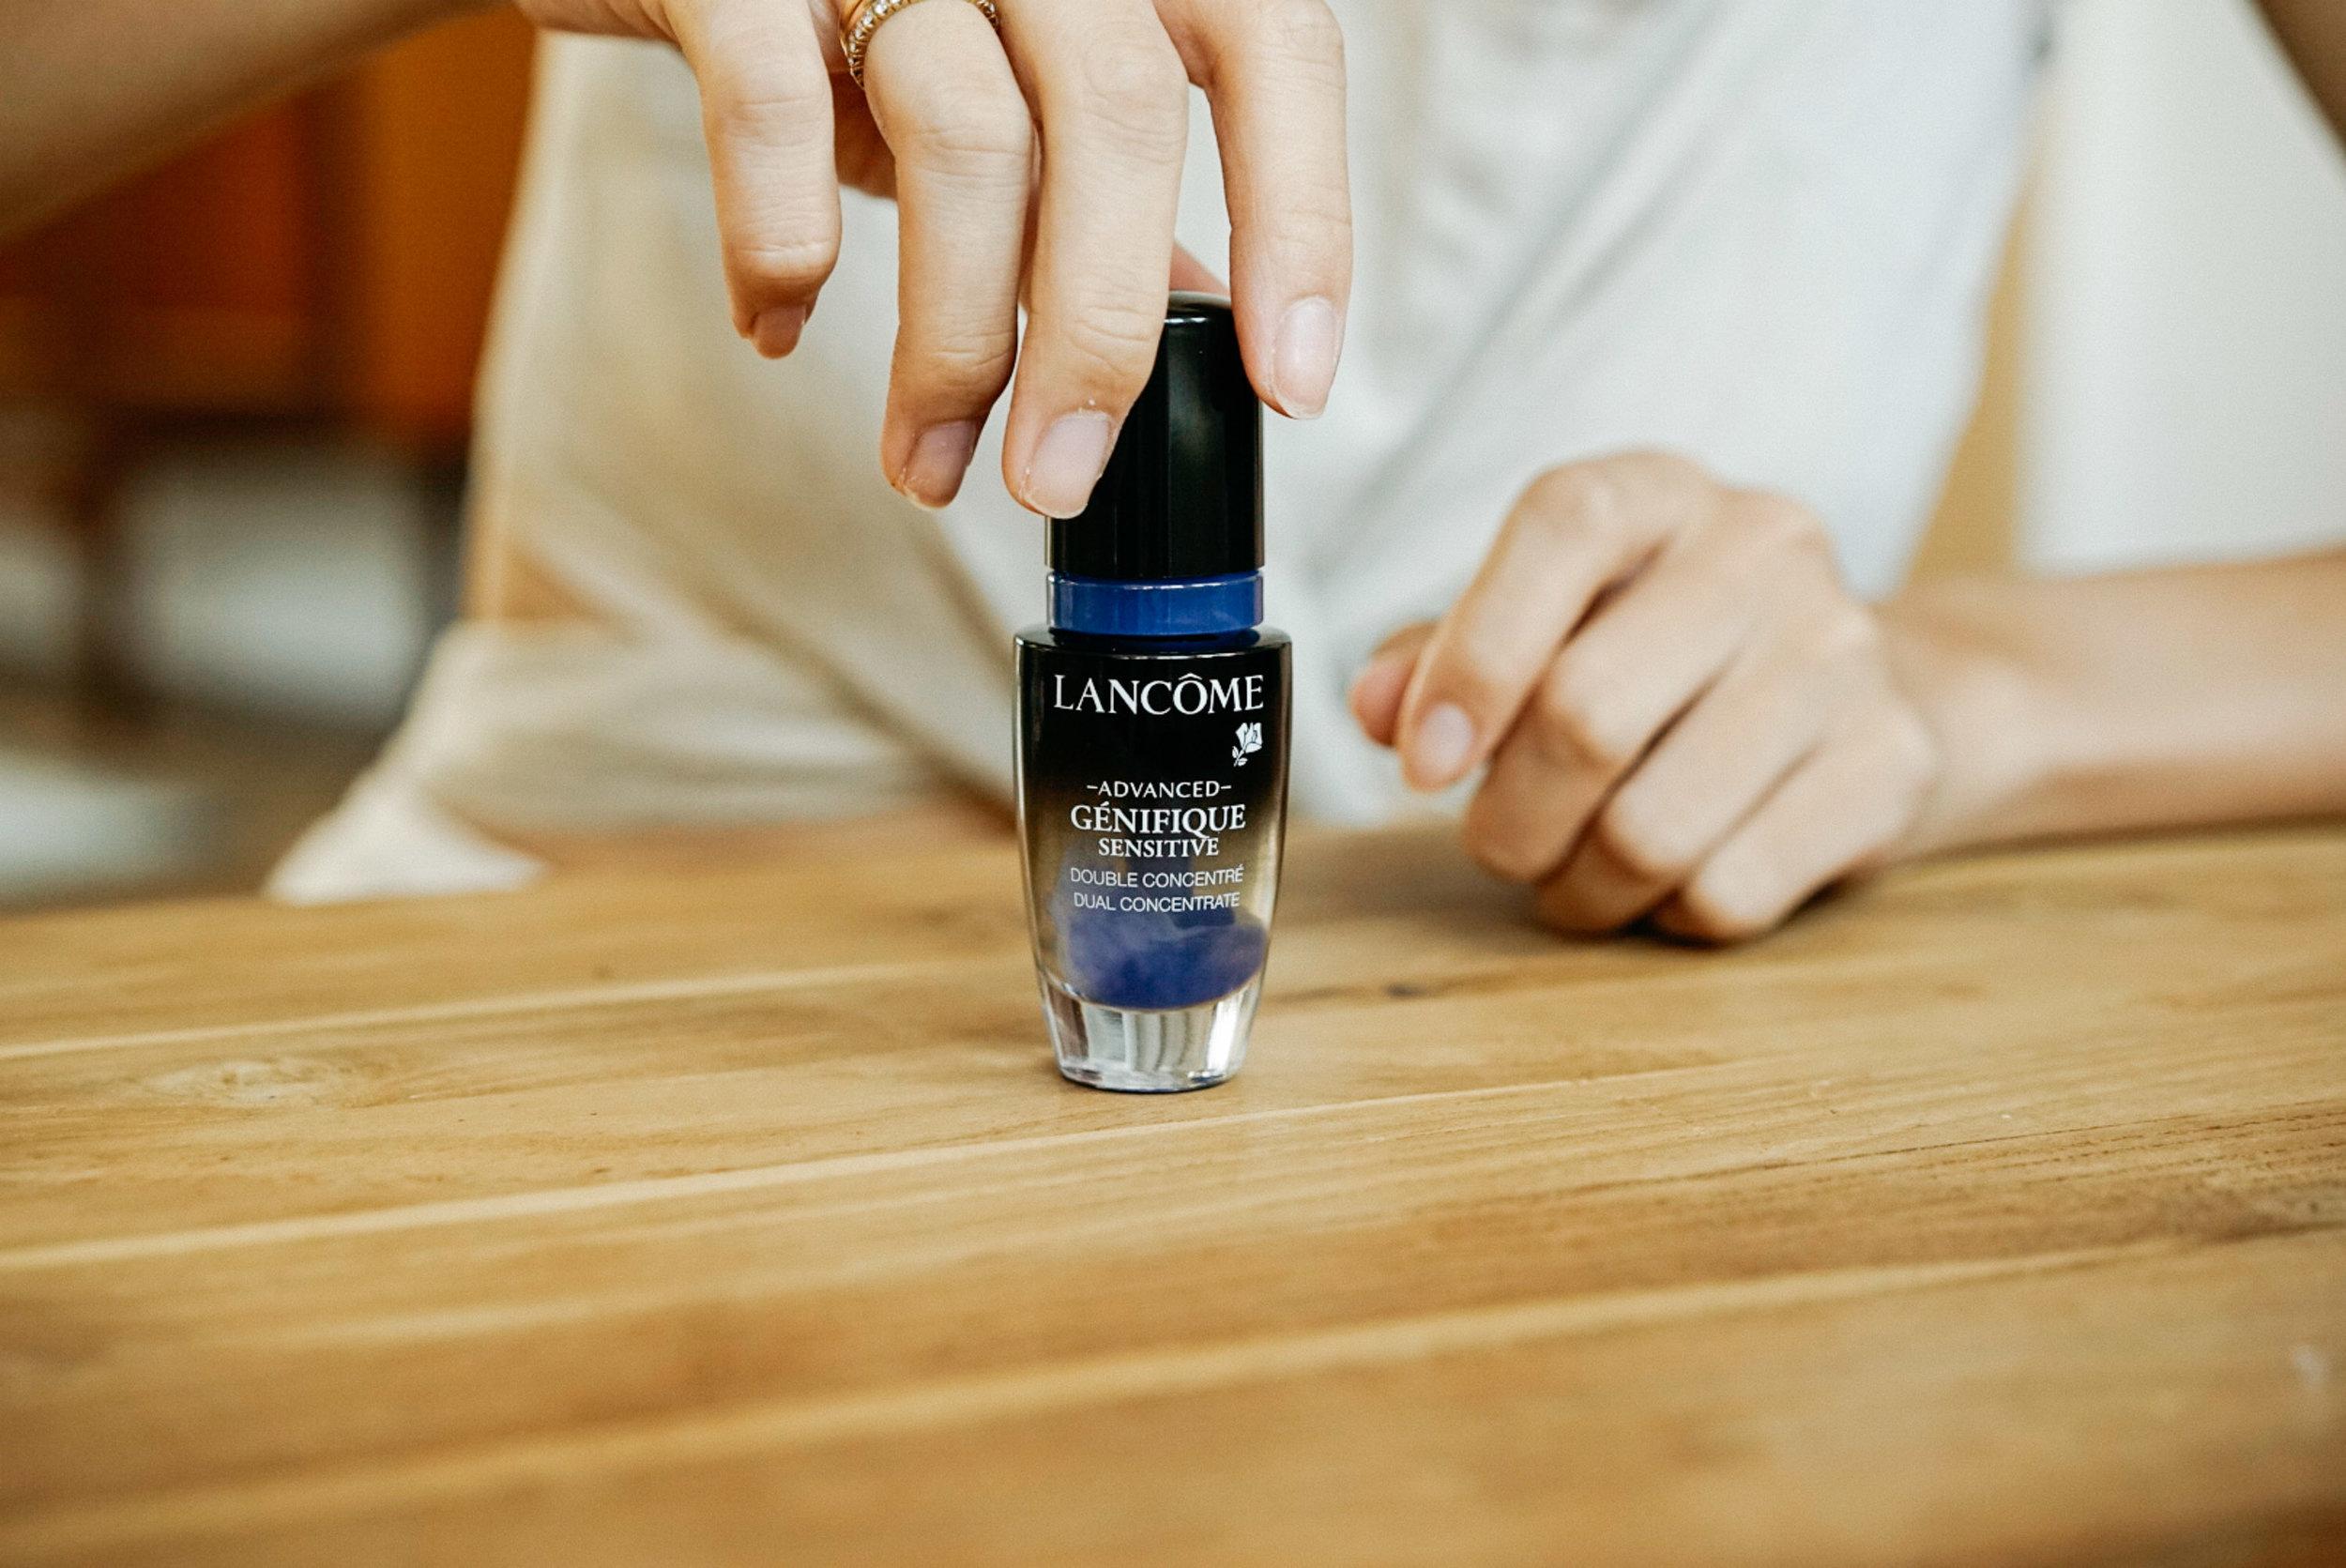 首次啟用時,將含藍色滴管用力下壓並轉動後,讓裡頭藍色活性精華緩緩釋出融合瓶中透明精華,綻放的瞬間真的讓人有種,神秘力量釋放的感覺啊。